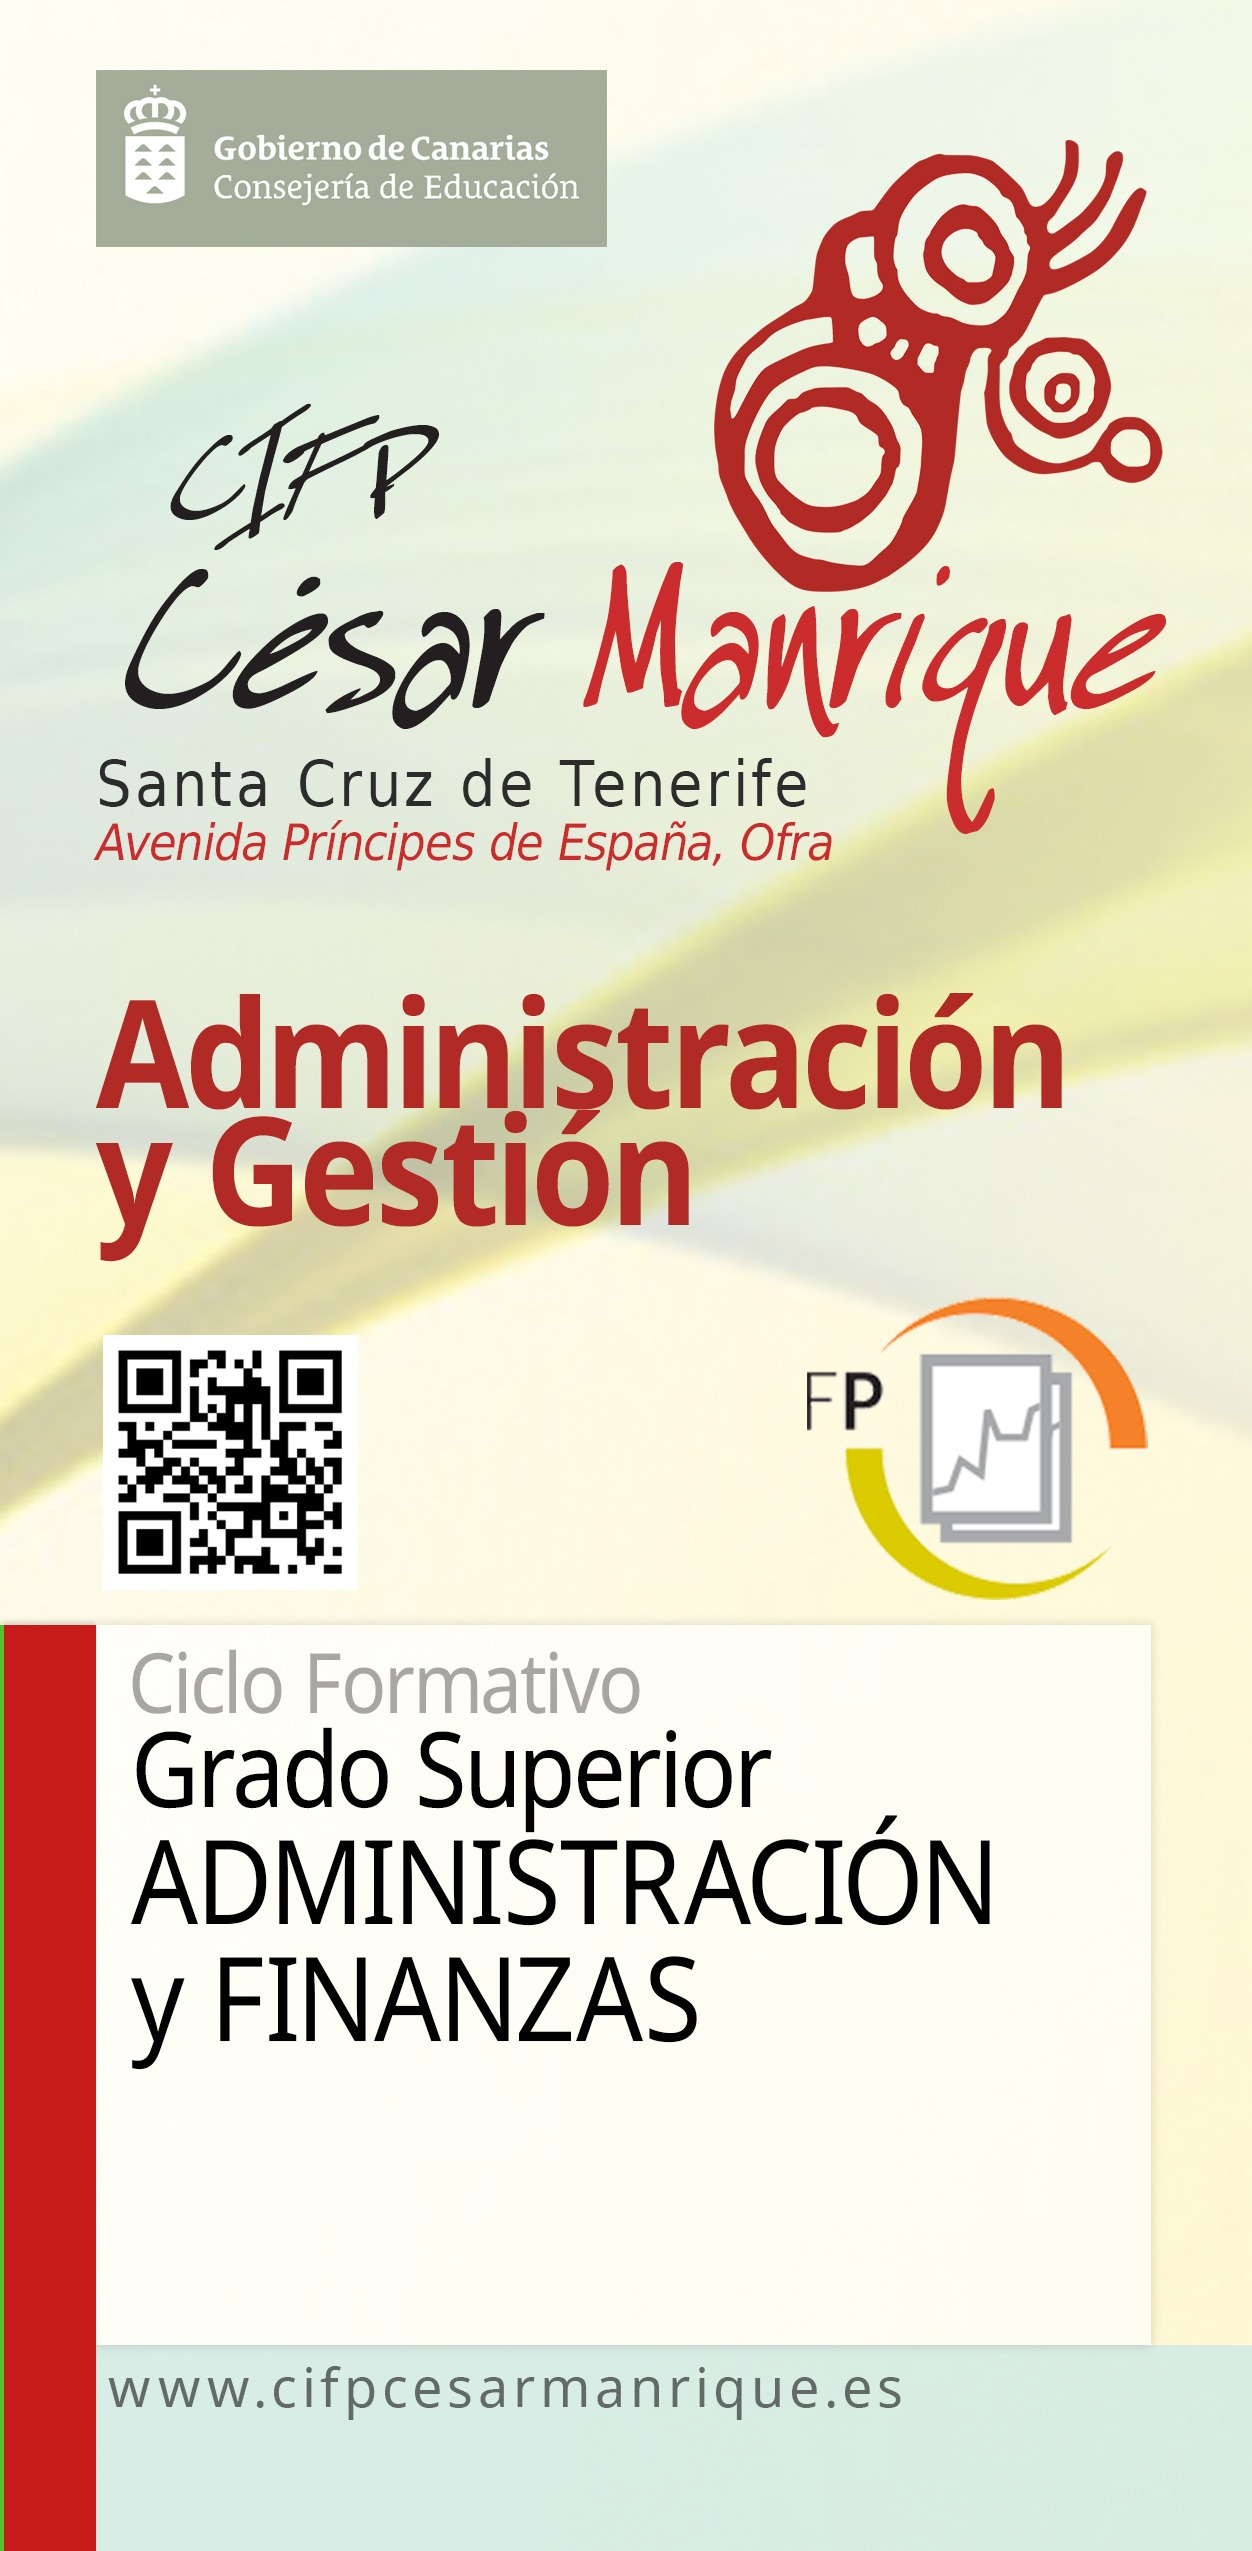 Grado Superior Administración y Finanzas